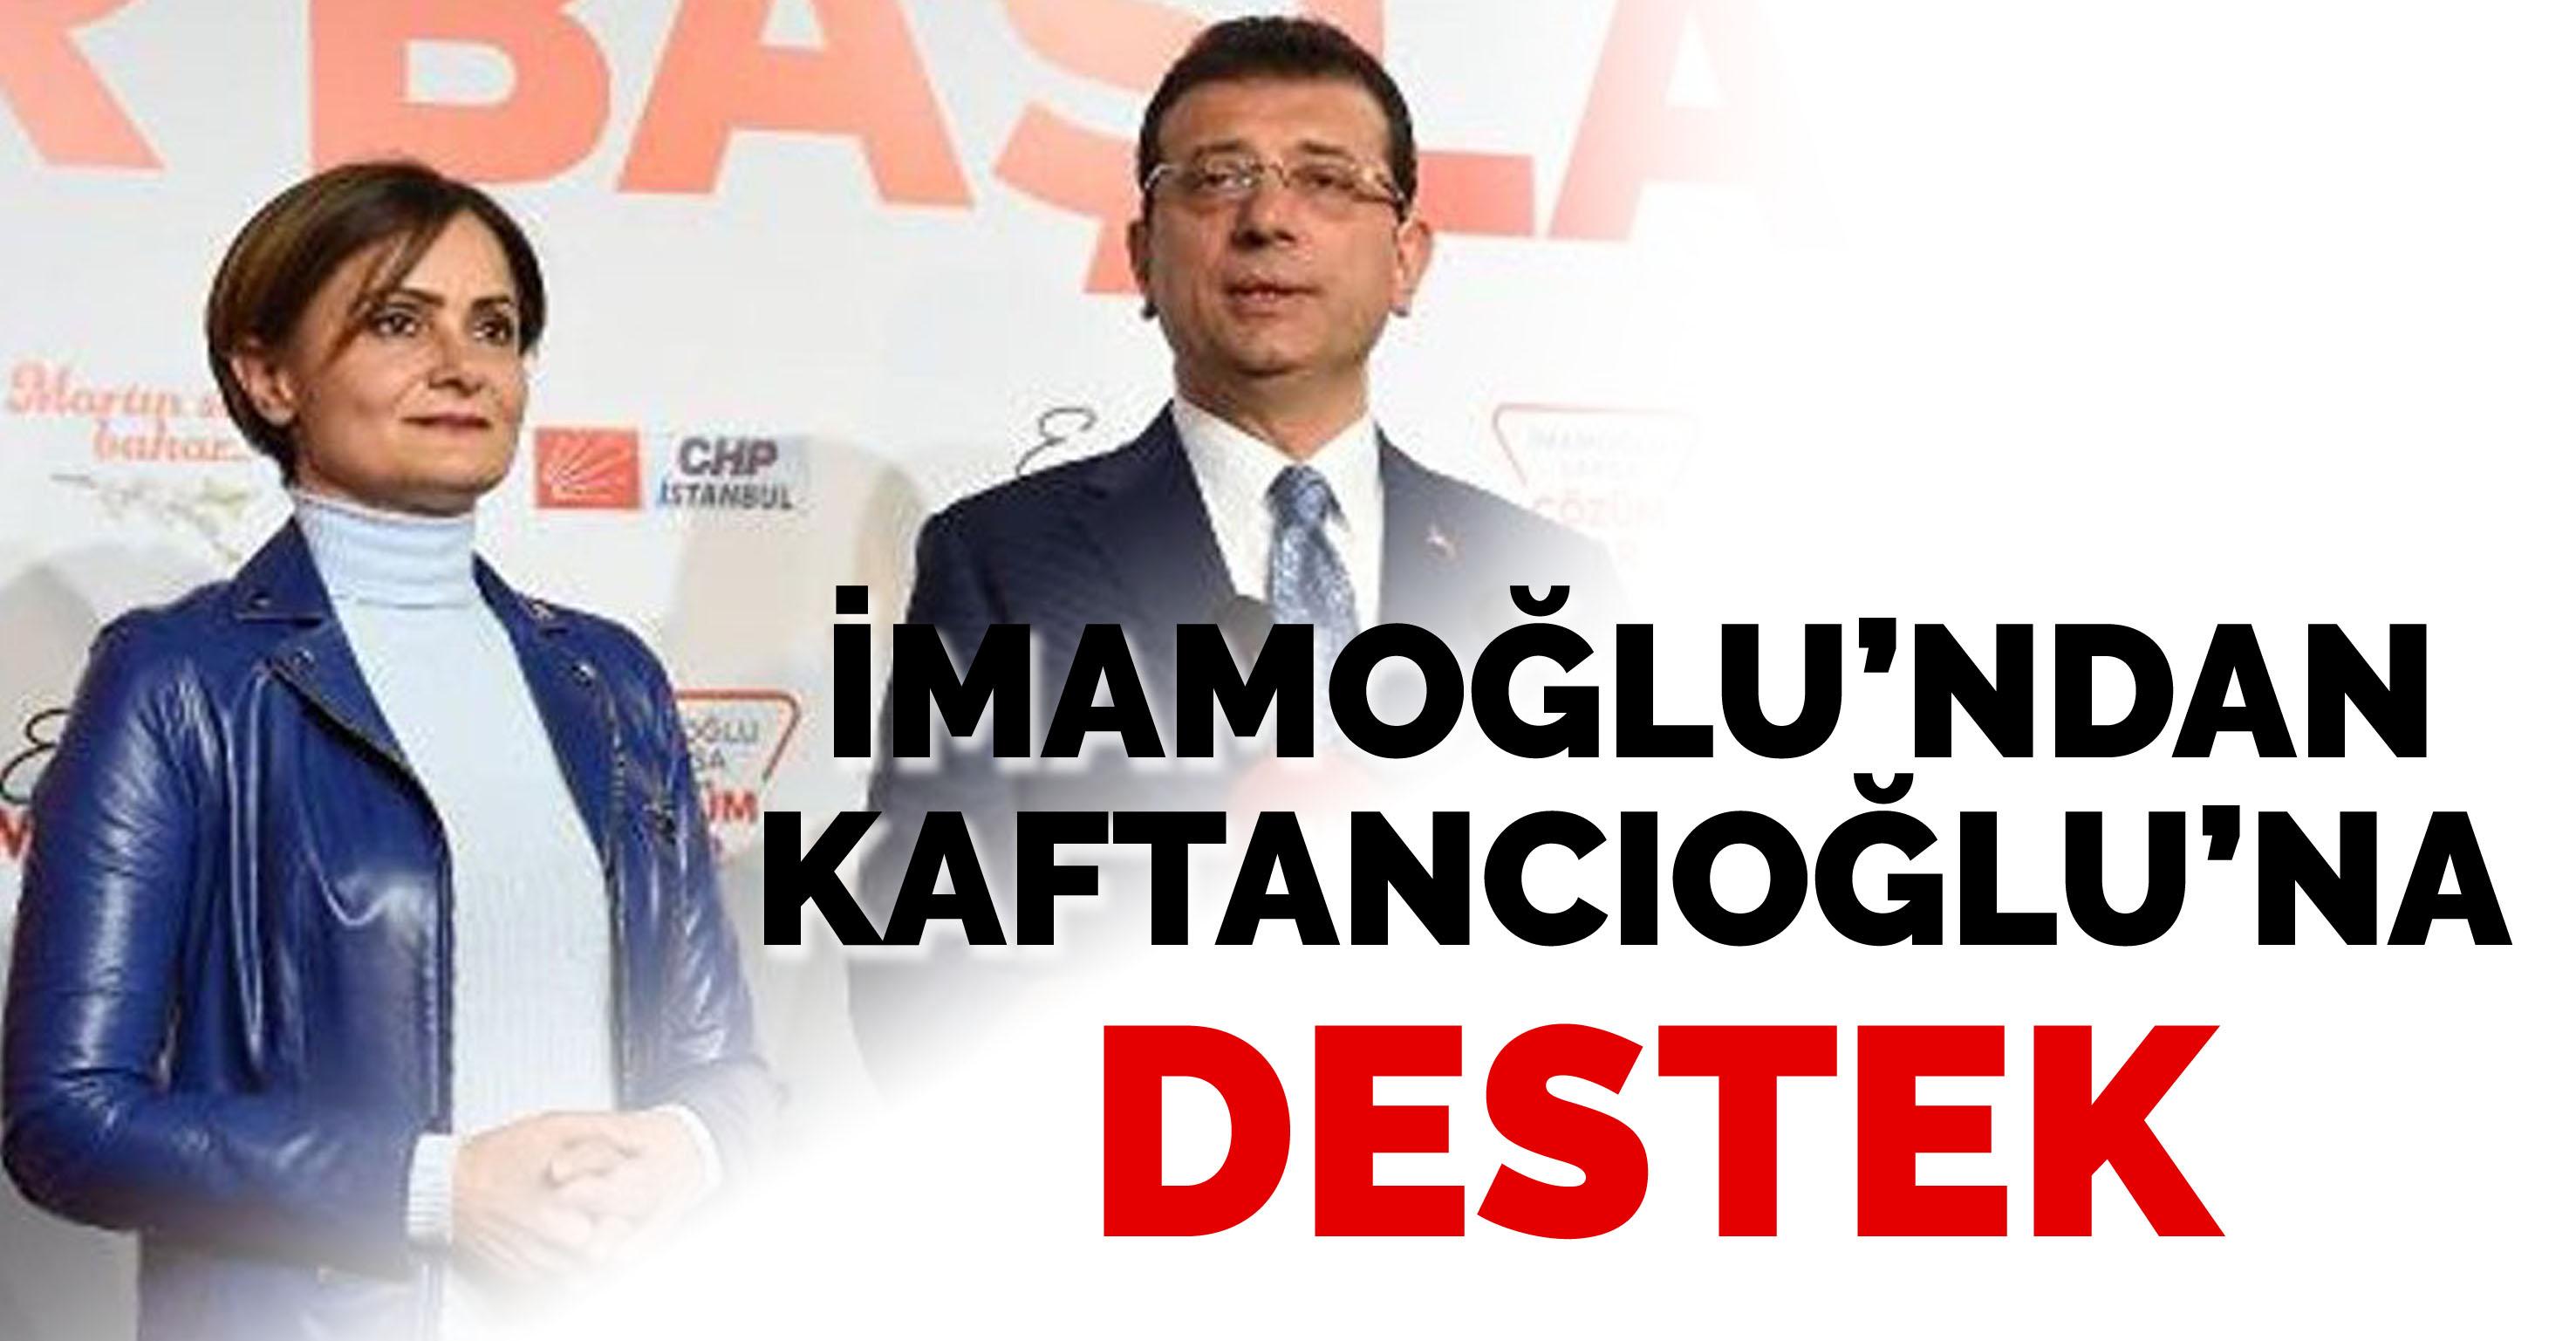 İmamoğlu'ndan Kaftancıoğlu'na destek